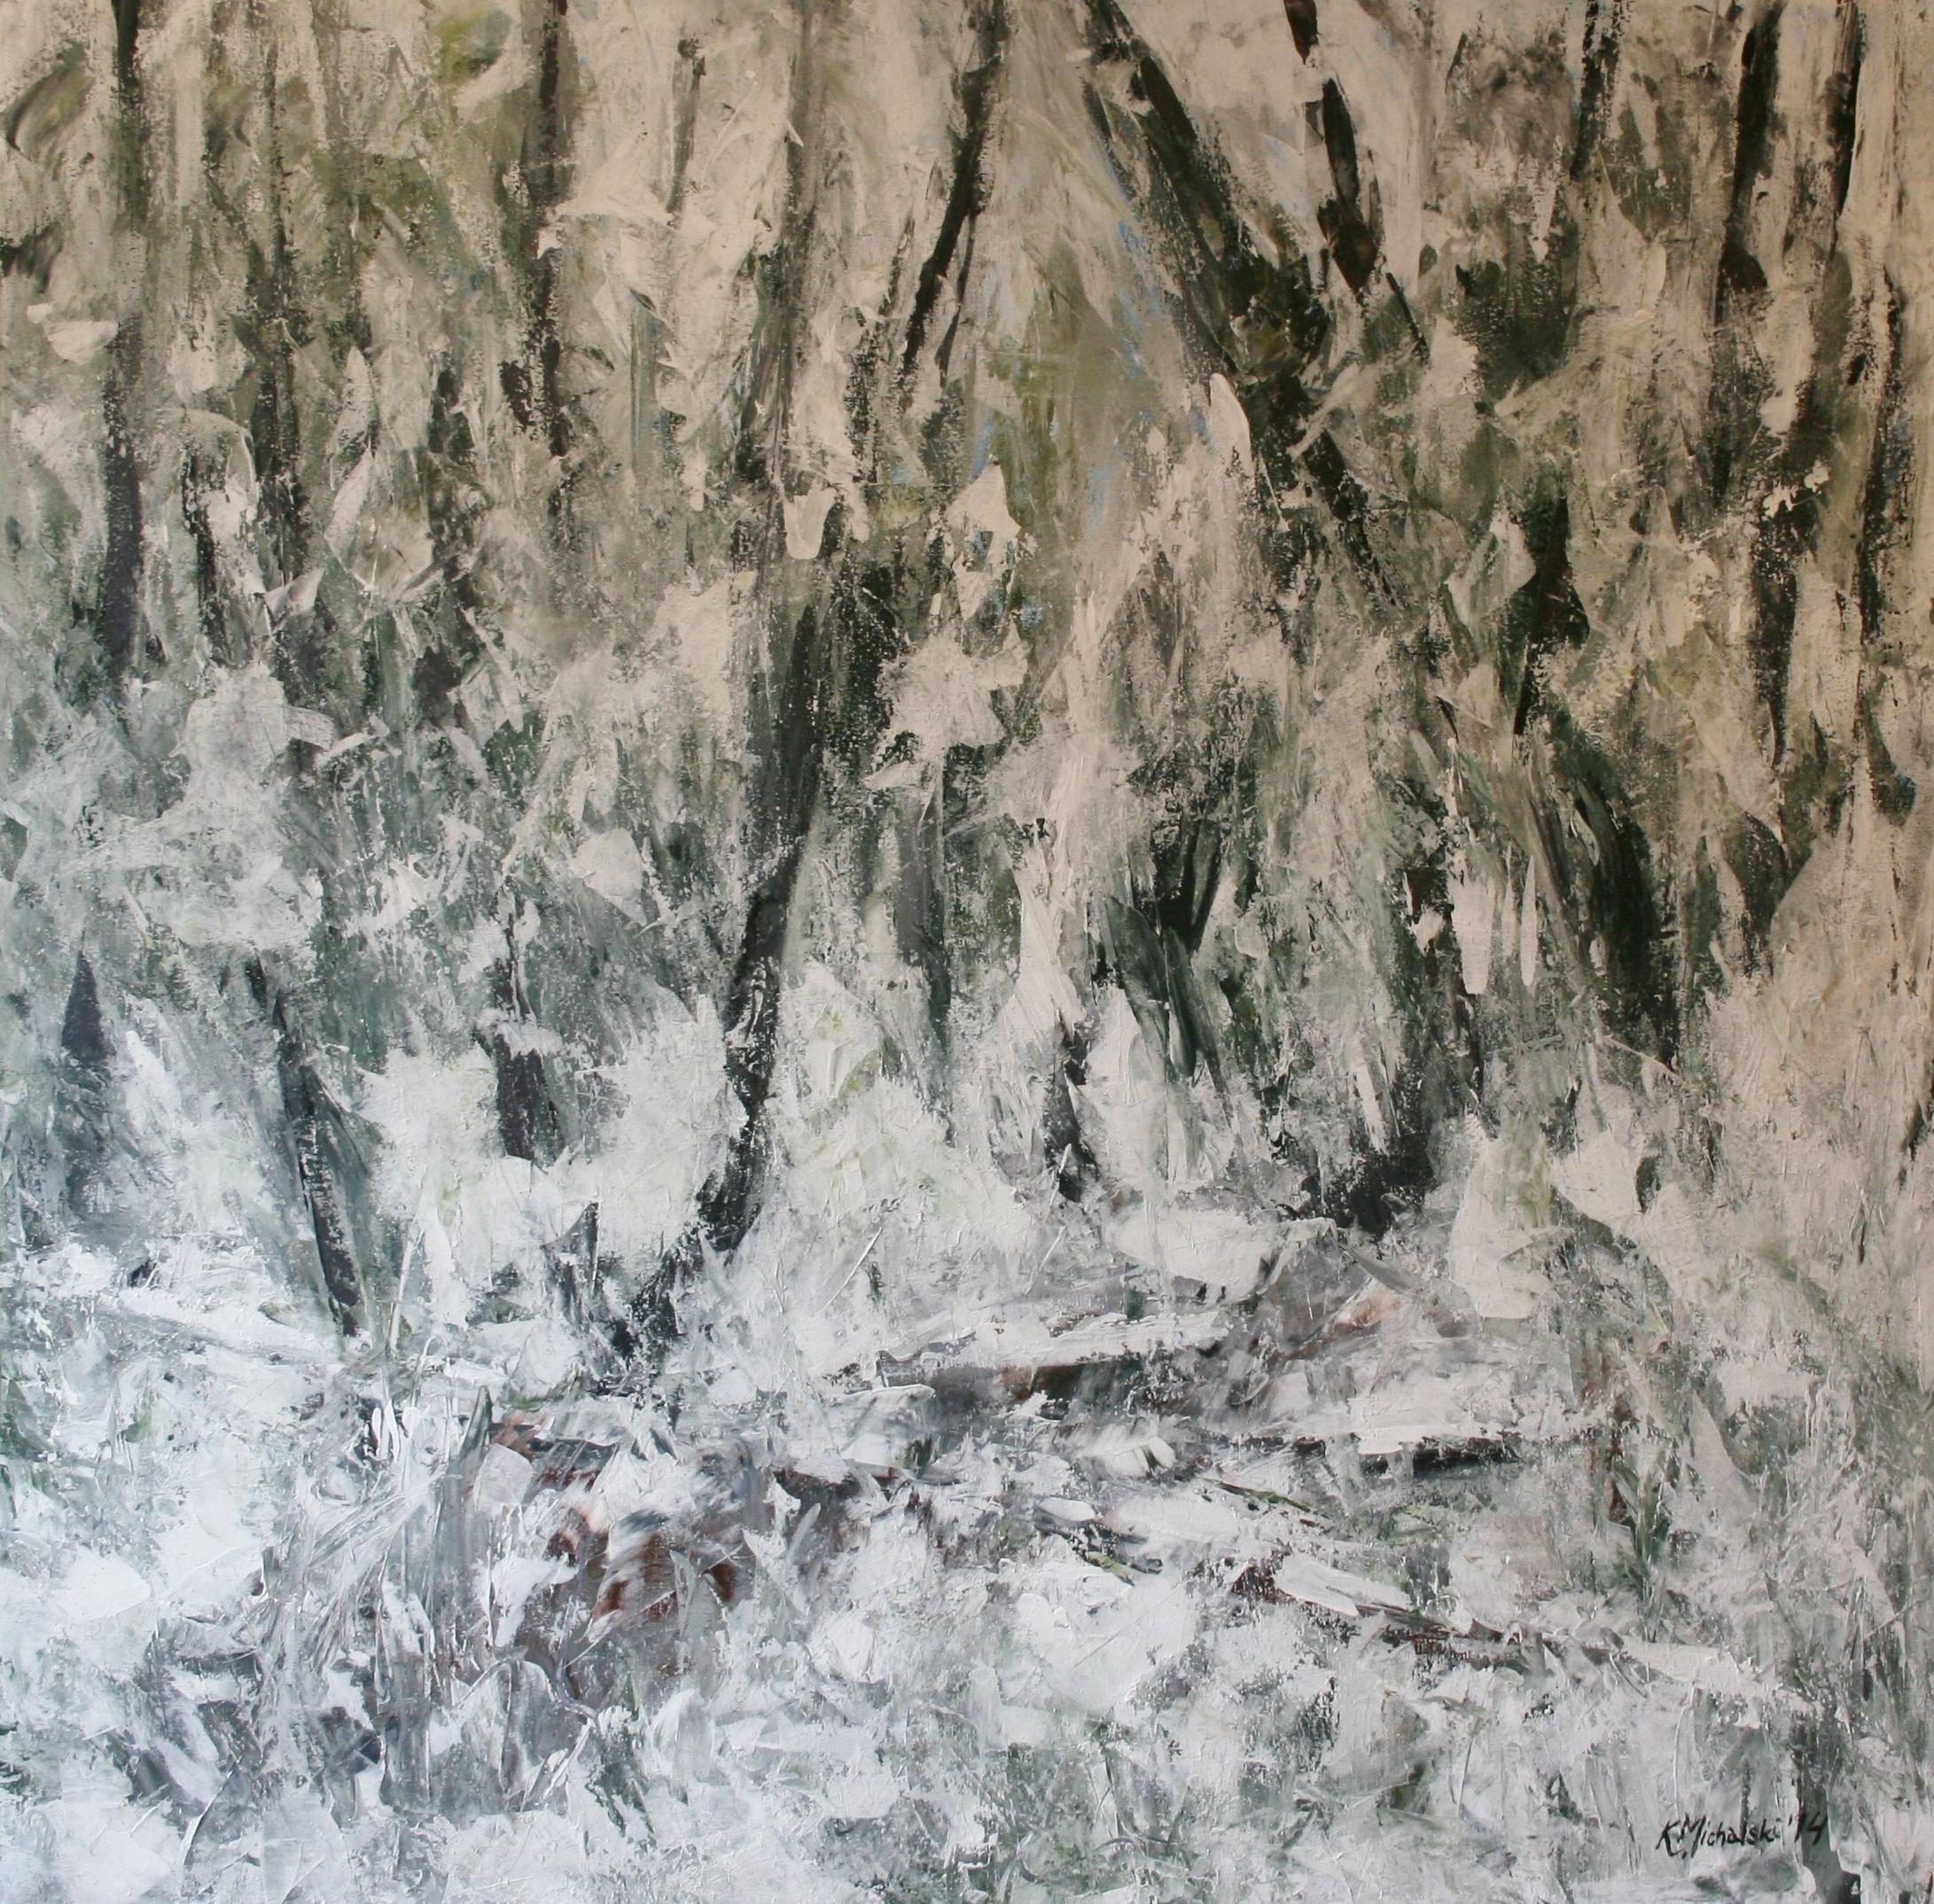 Die Wachtel, 2014, 100 x 100, Acryl auf Leinwand